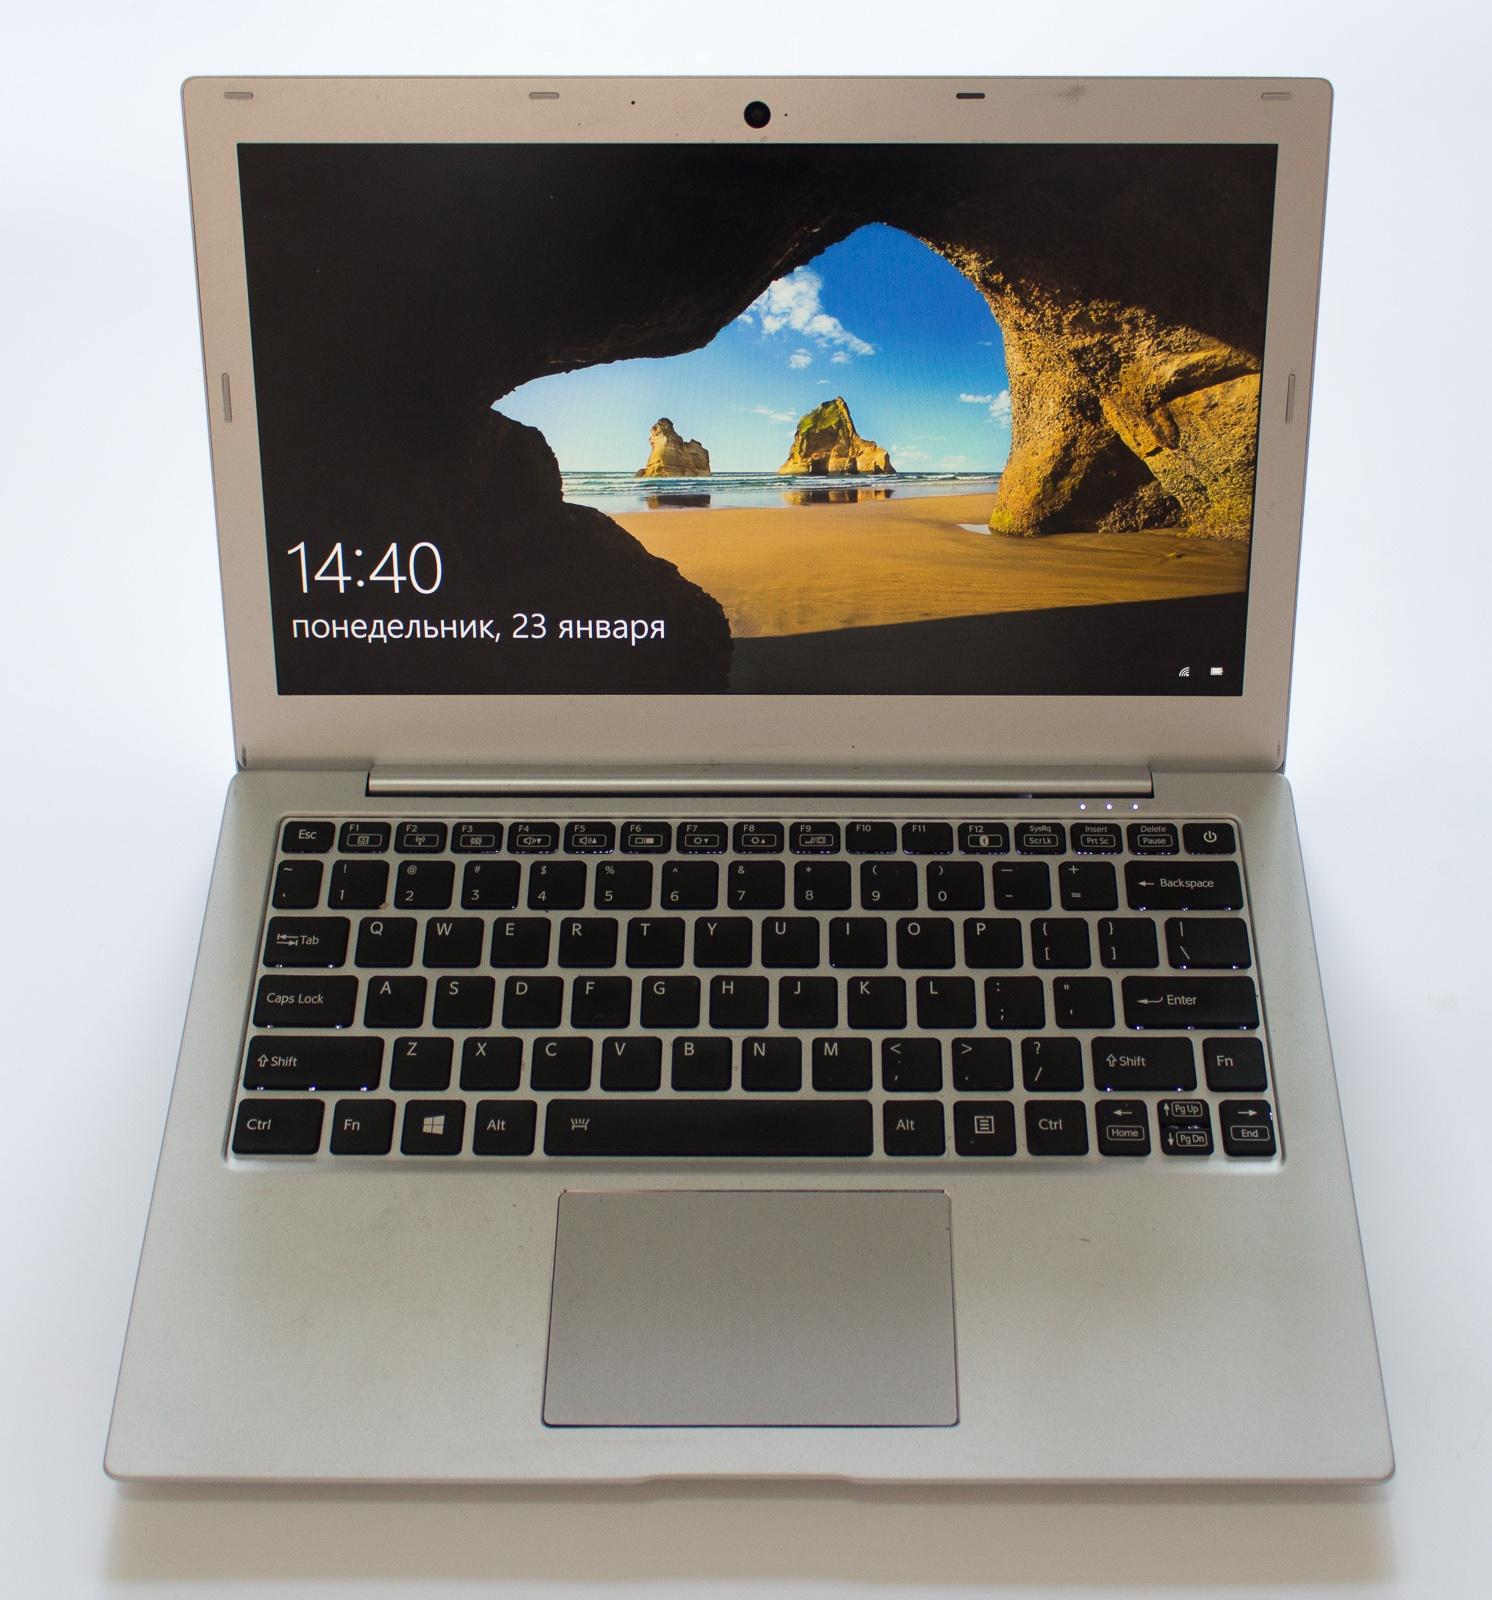 """Исследуем и частично разбираем дешевые китайские ноутбуки с диагональю 13,3"""": жить уже можно - 1"""